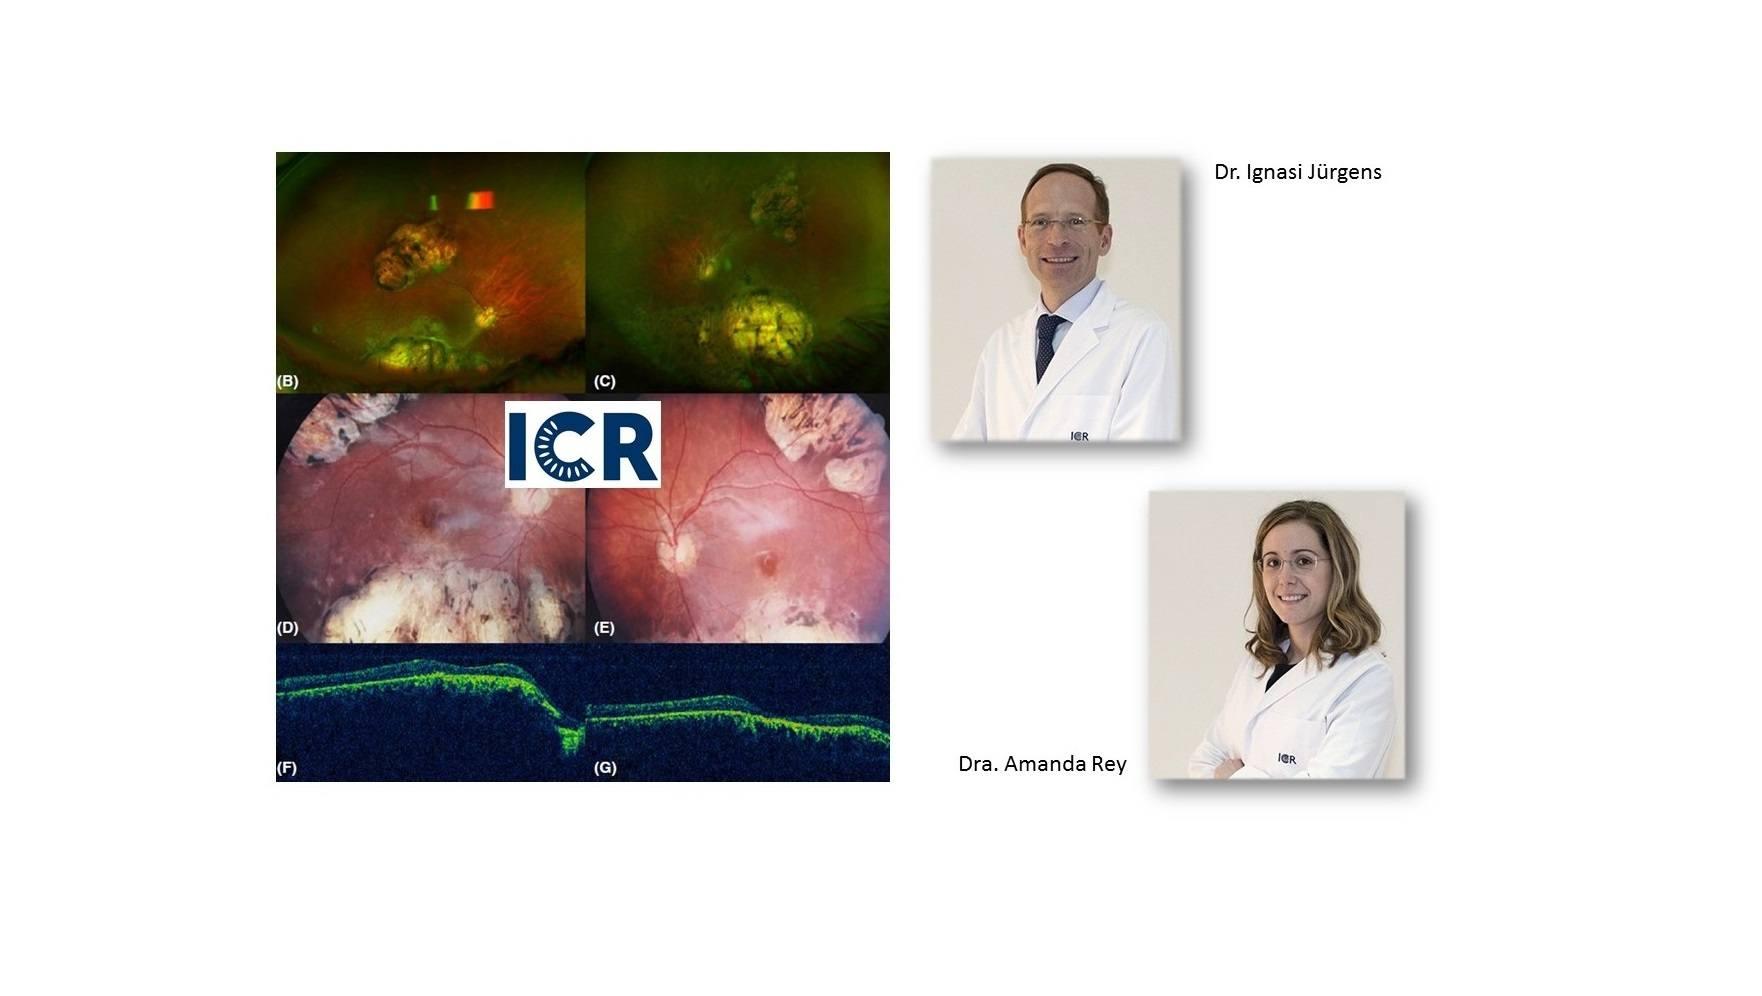 Изменения глазного дна в случаях микроцефалии могут указывать на врожденную лихорадку Зика